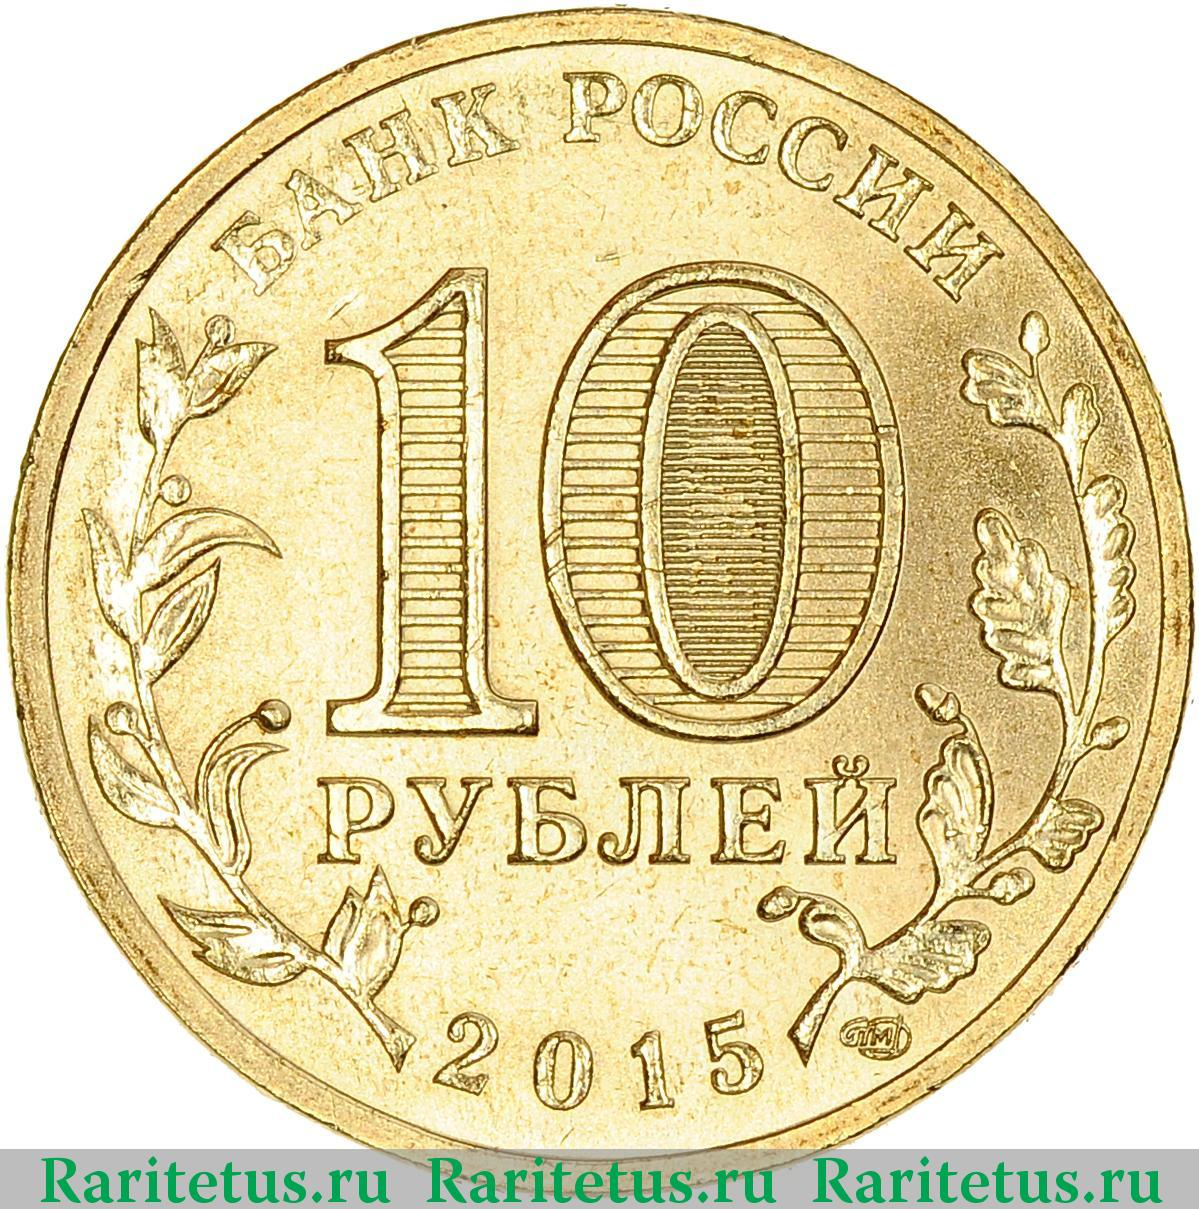 Фото десять рублей сколько стоит 20 копеек 1982 года цена